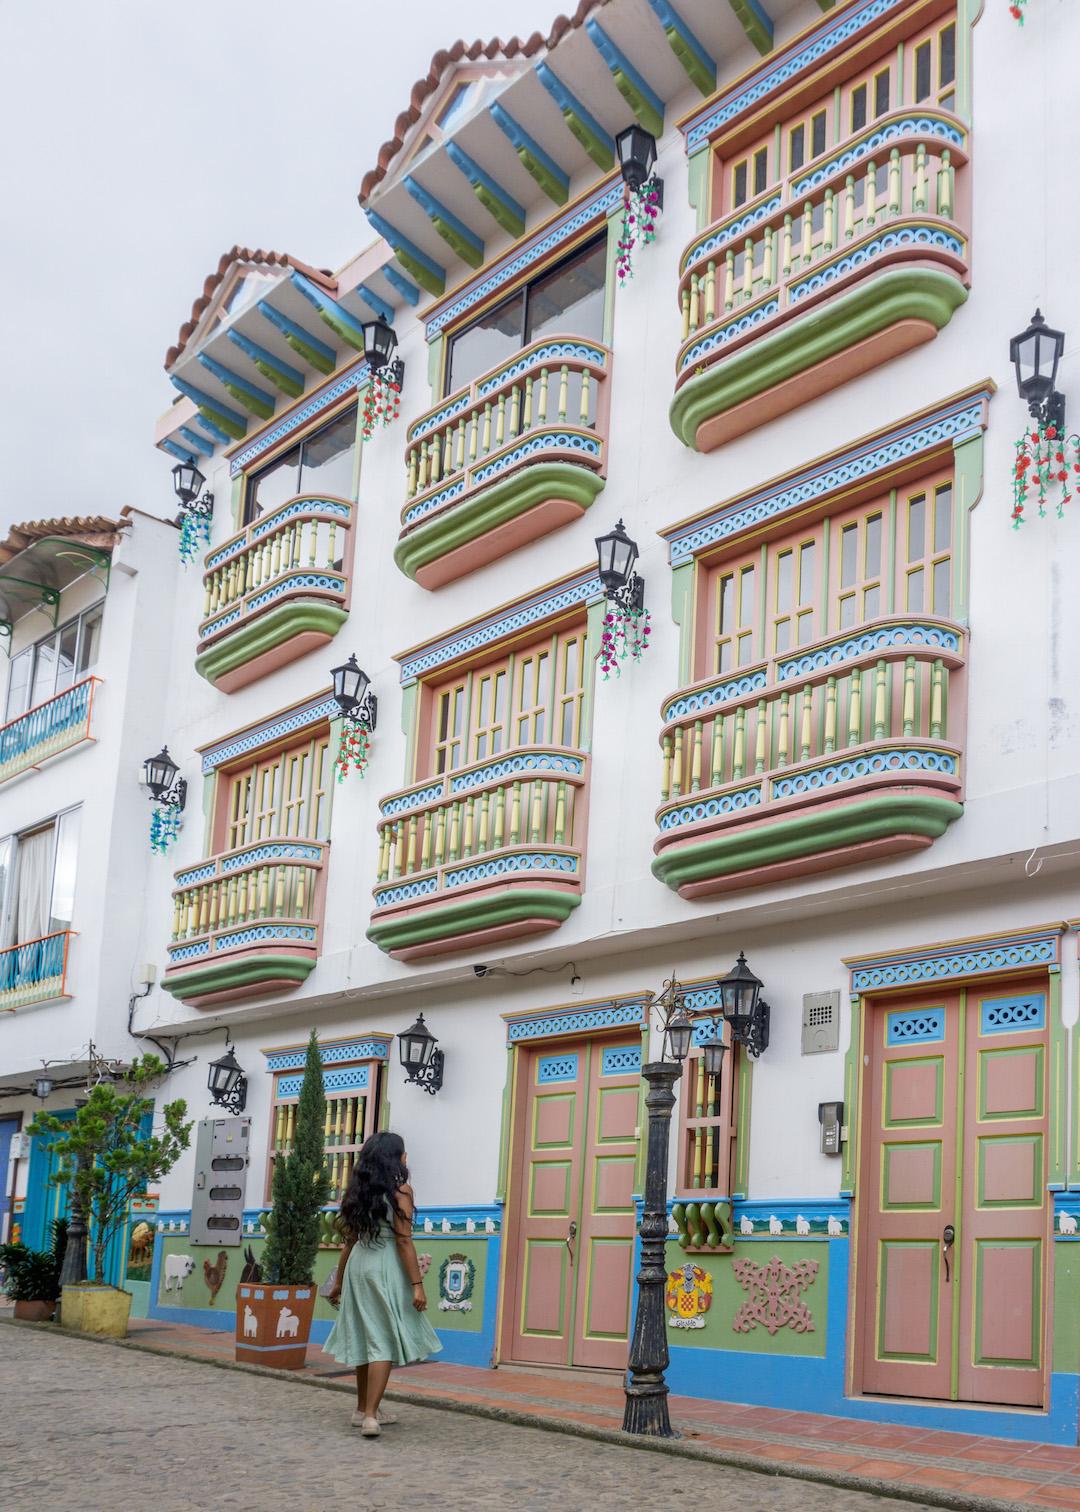 Her_Travel_Edit_Guatape_Balconies